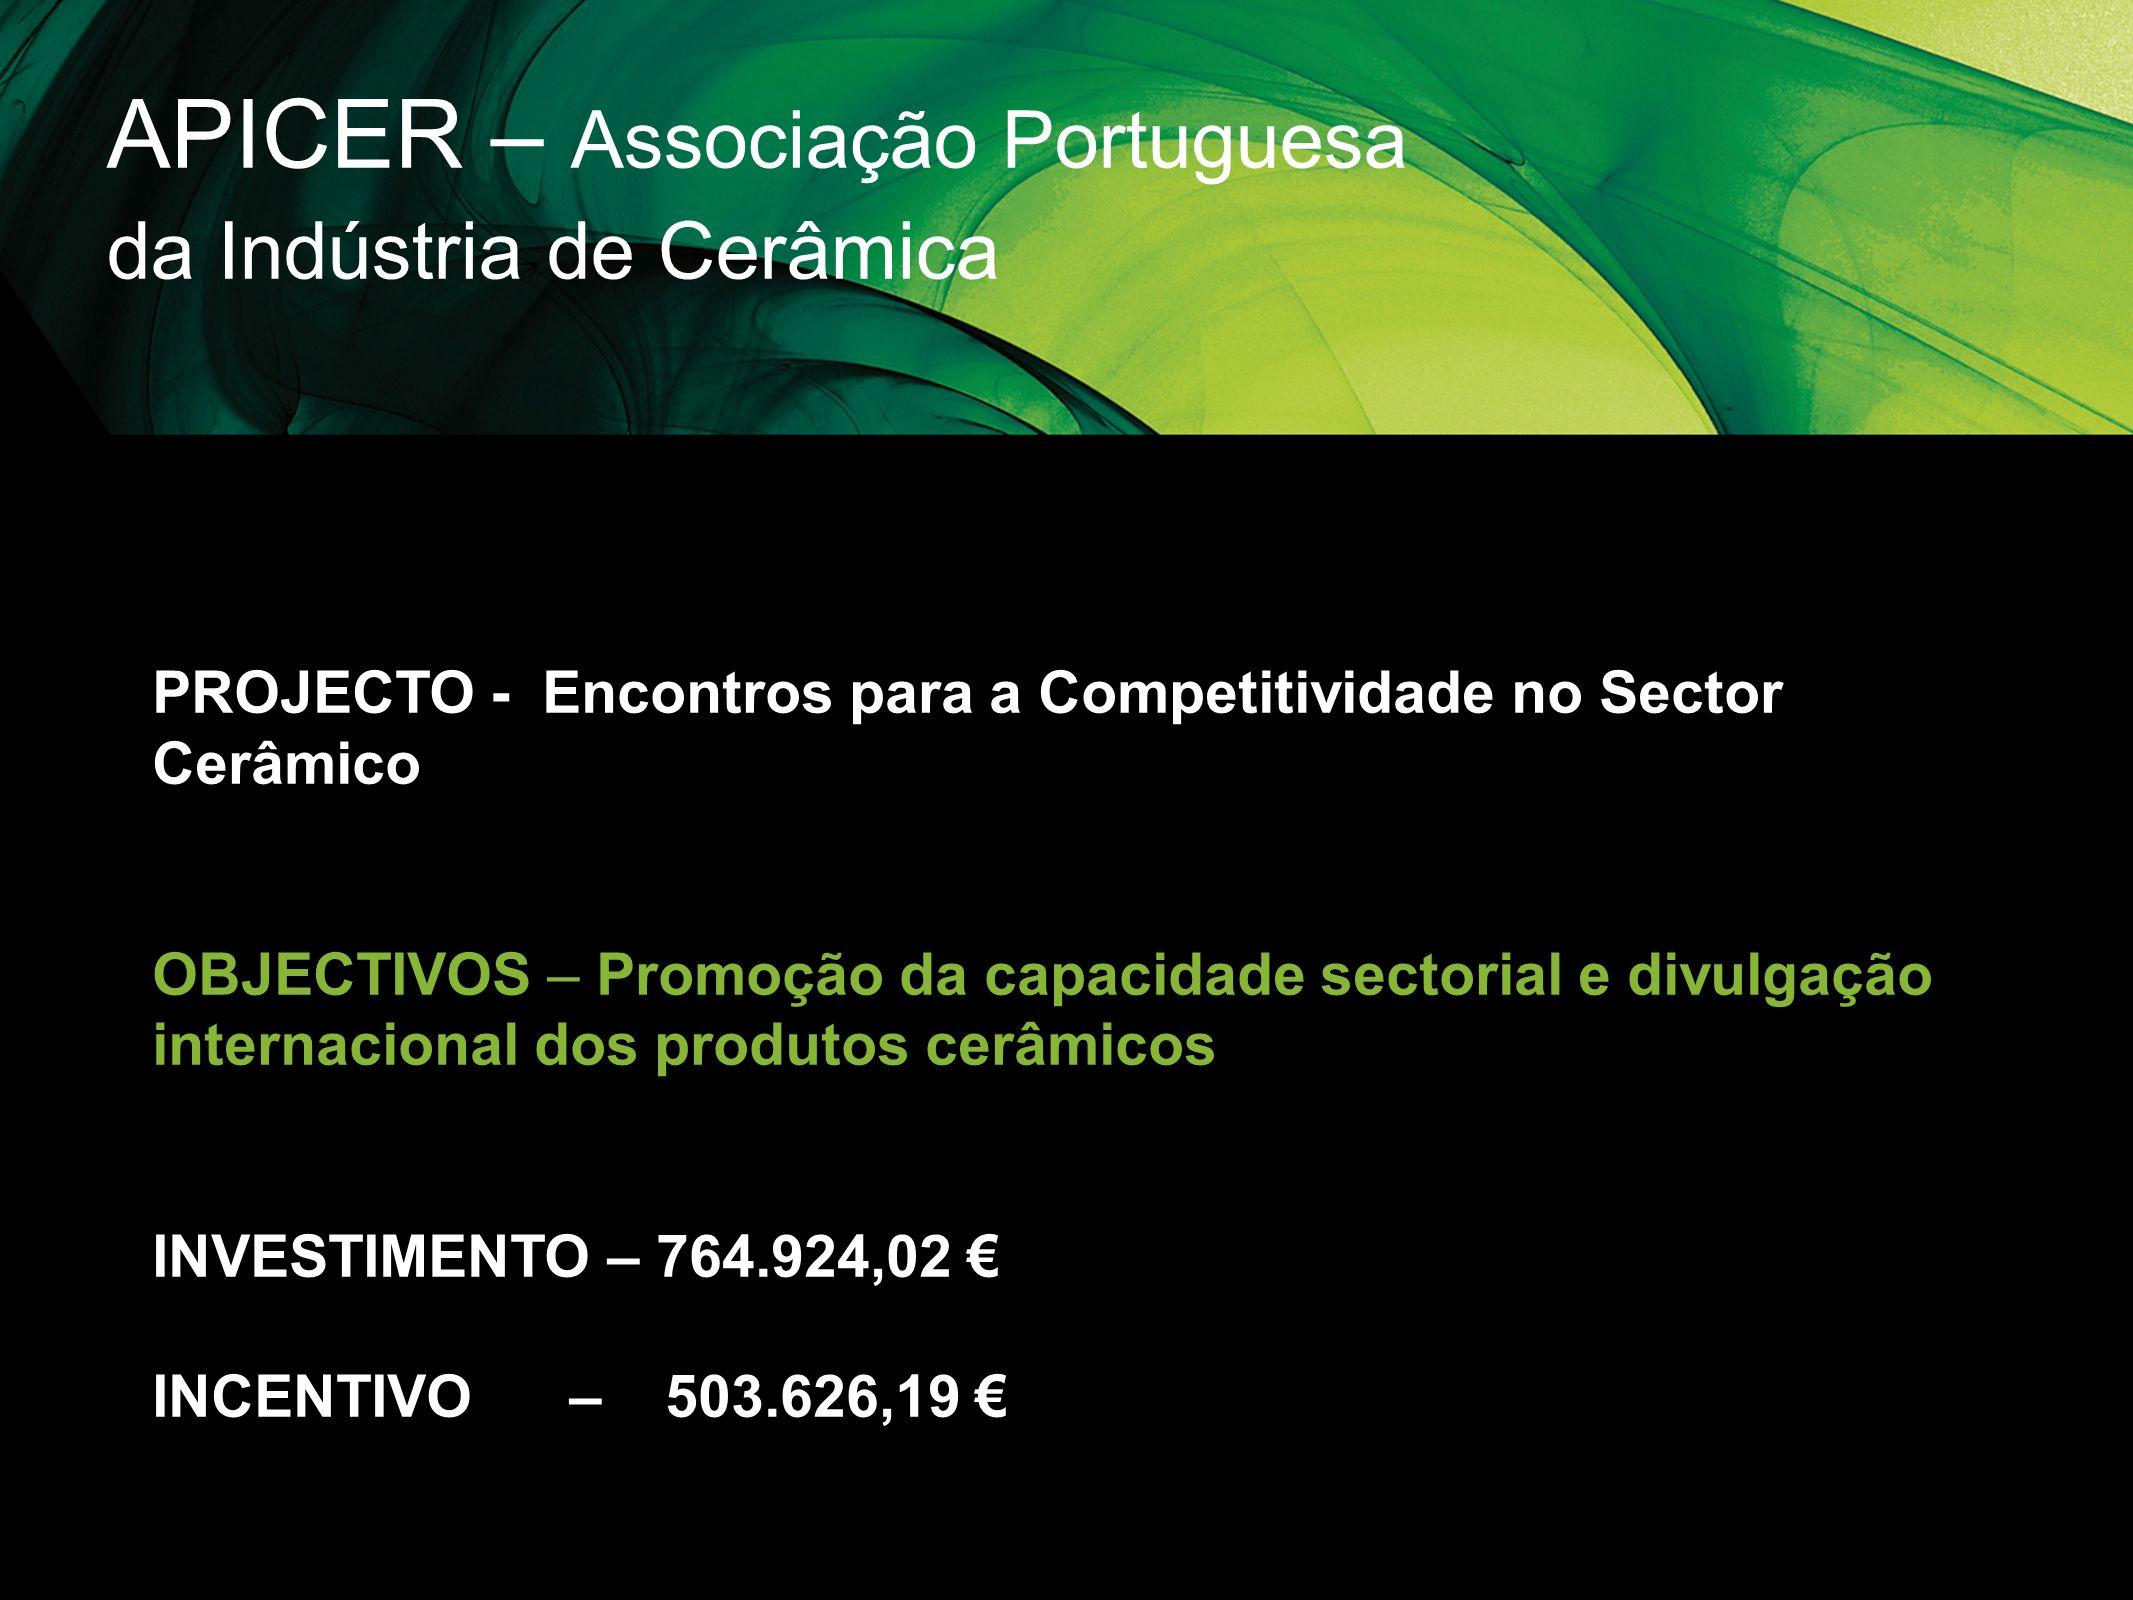 APICER – Associação Portuguesa da Indústria de Cerâmica PROJECTO - Encontros para a Competitividade no Sector Cerâmico OBJECTIVOS – Promoção da capaci